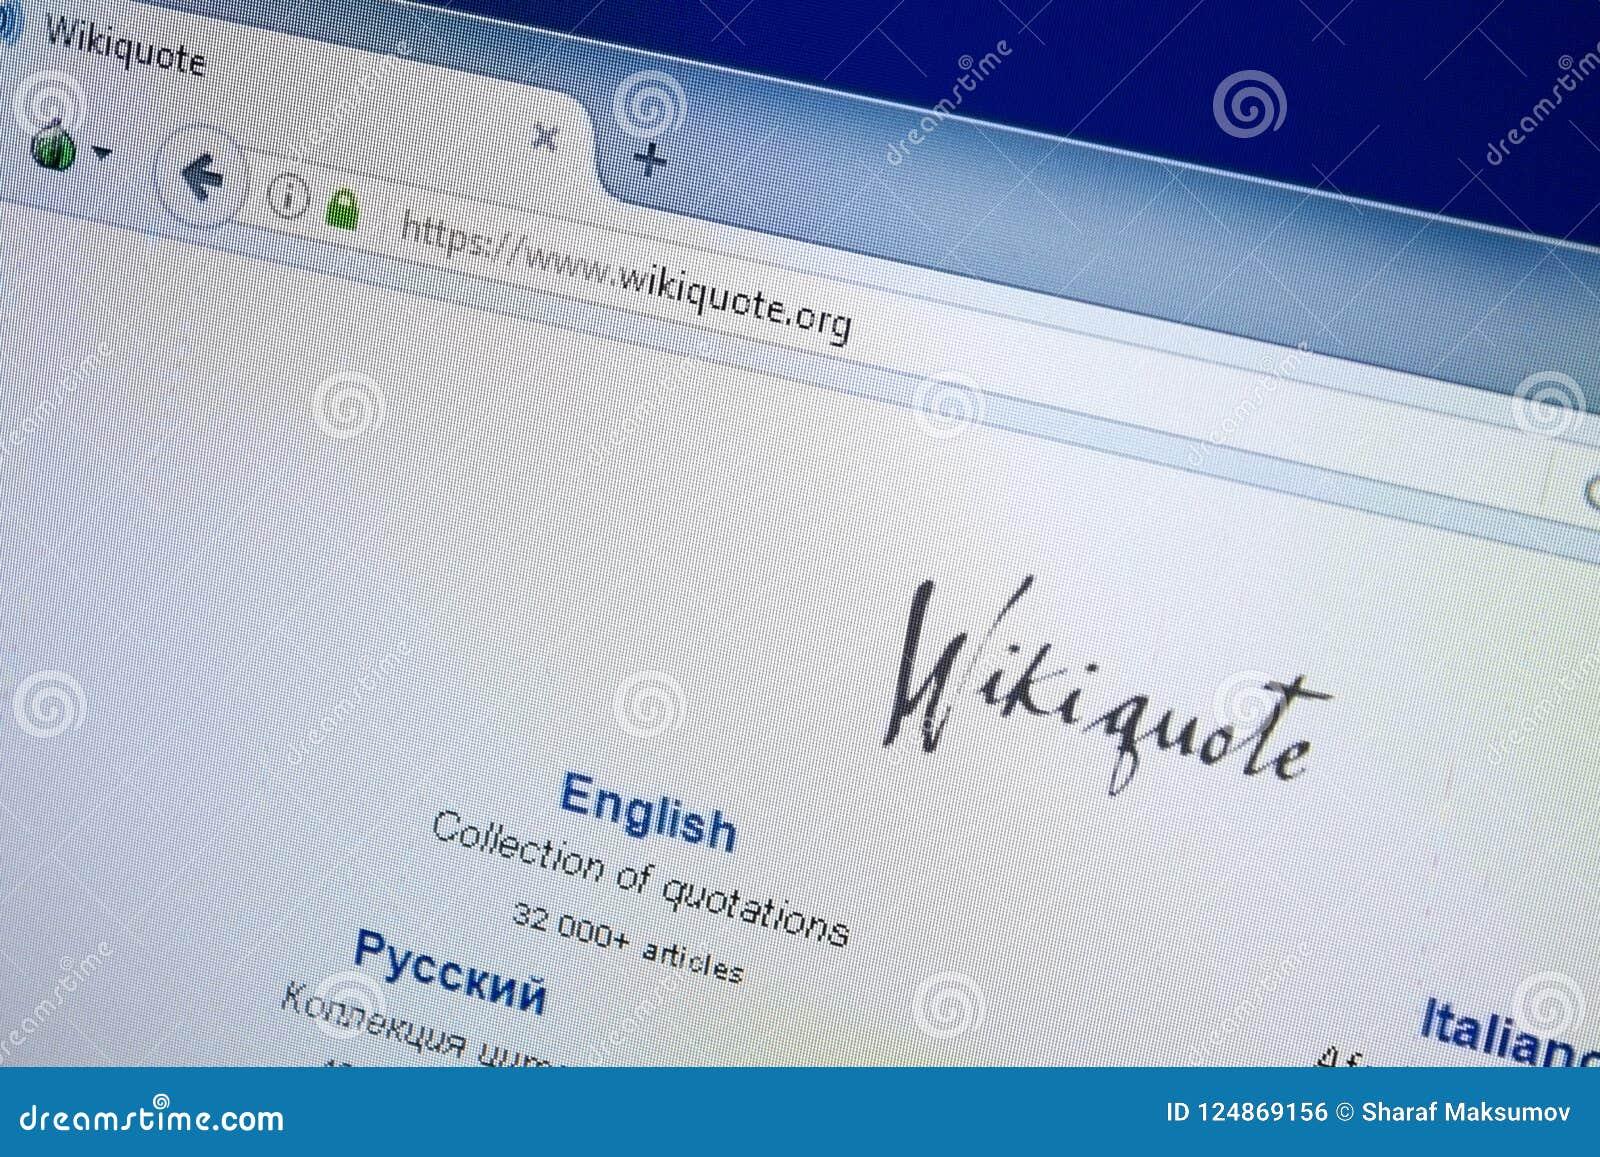 Riazan, Russie - 26 août 2018 : Page d accueil de site Web de citation de Wiki sur l affichage du PC URL - WikiQuote org